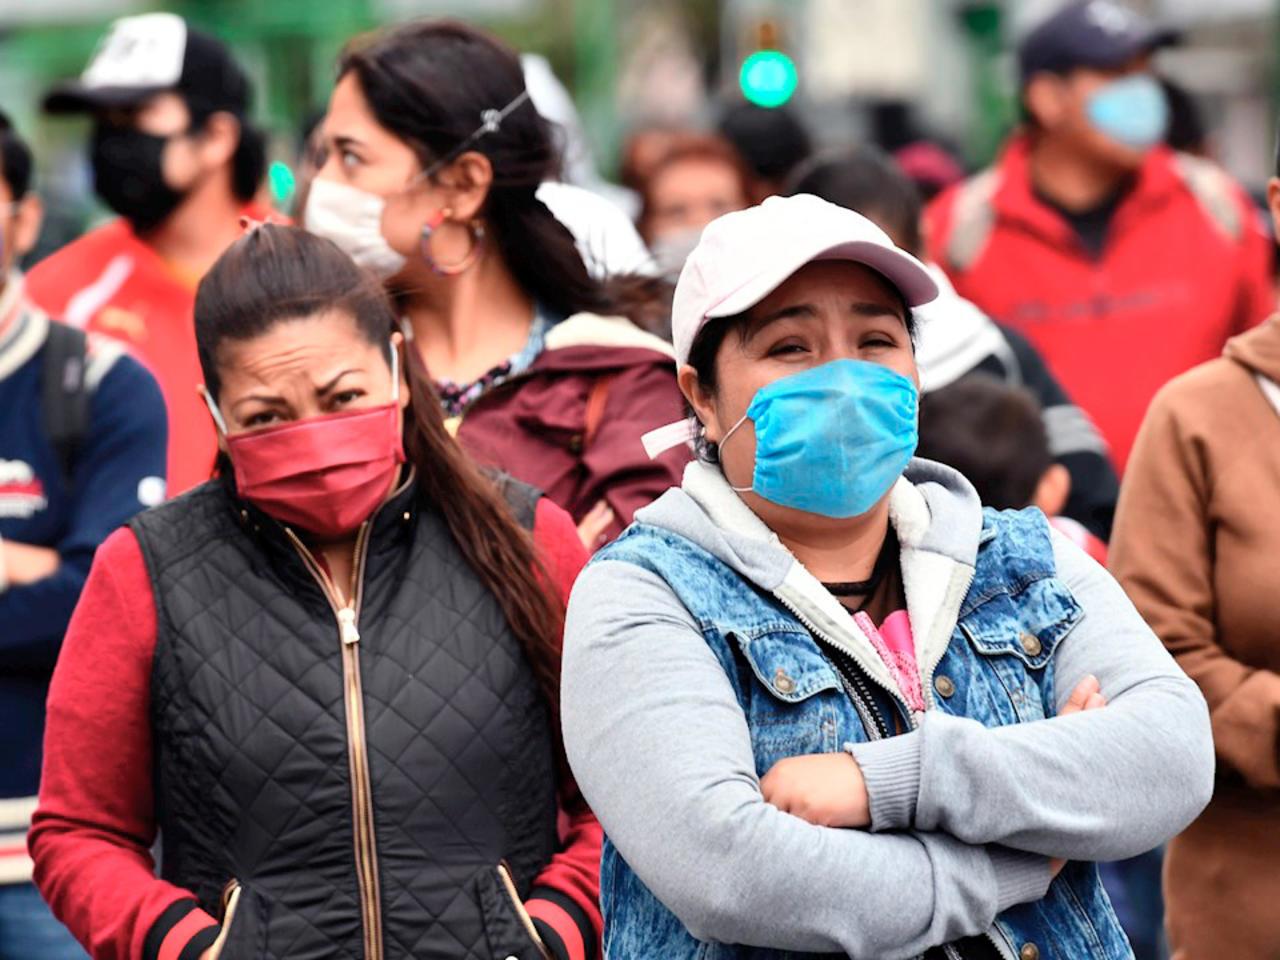 México: 25,6 millones de personas trabajaron sin contrato en el mes de junio